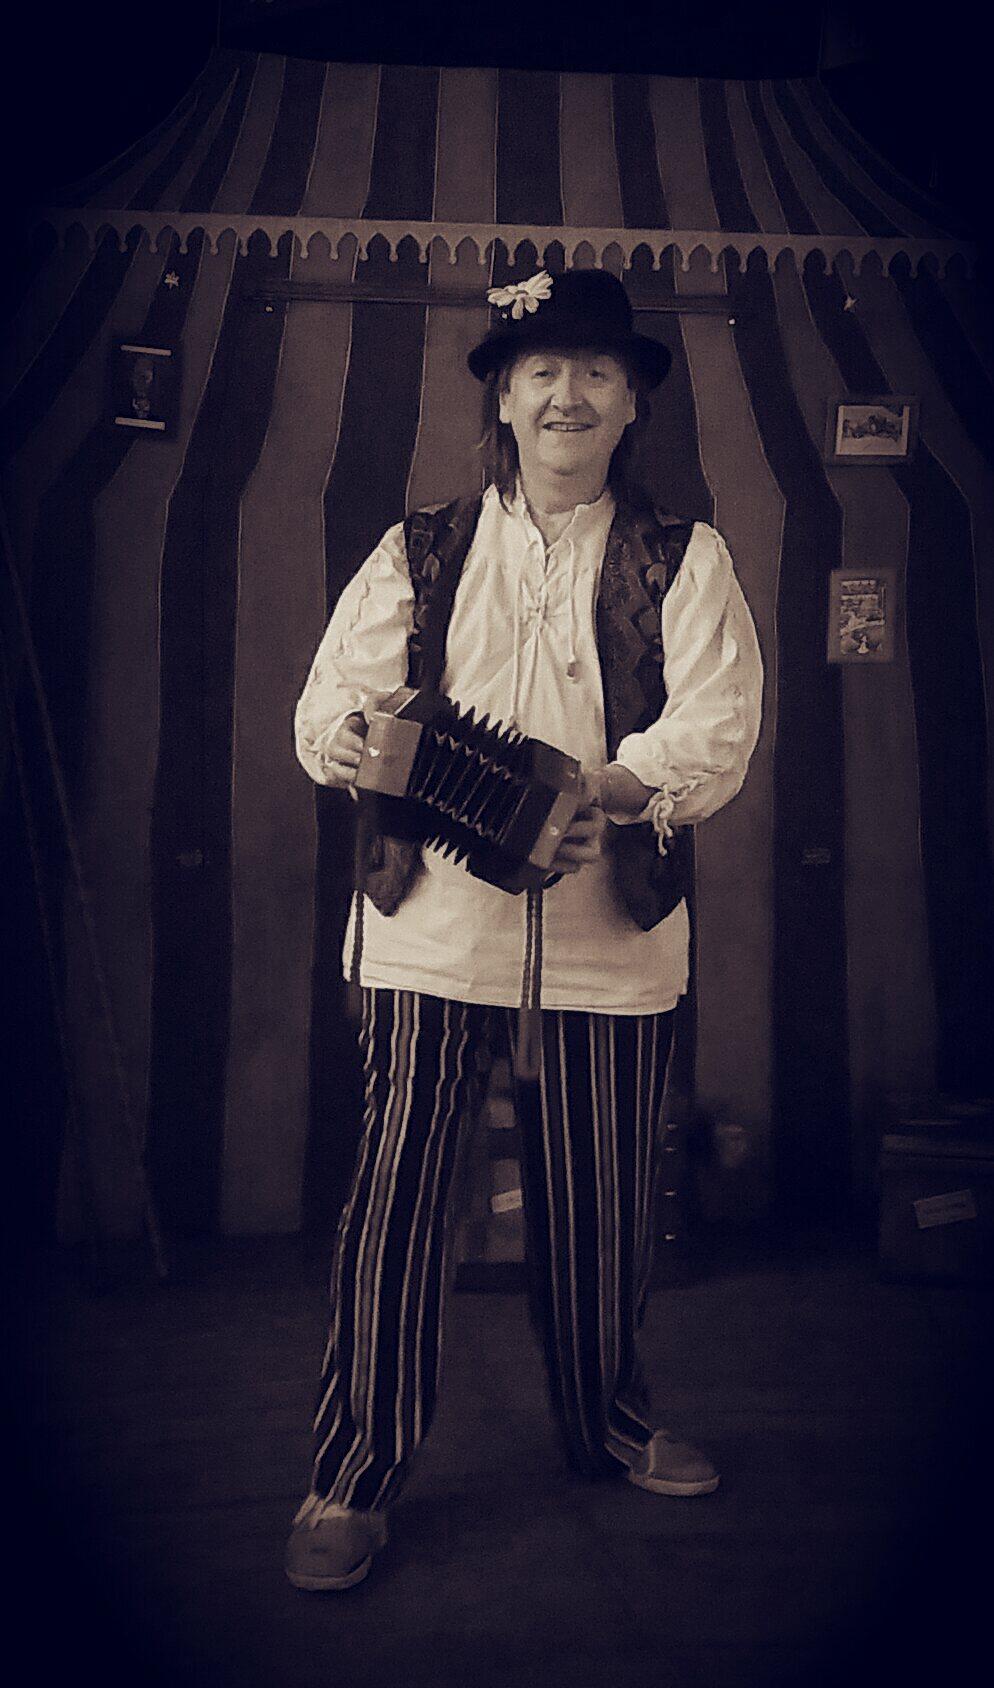 Will à l'accordéon